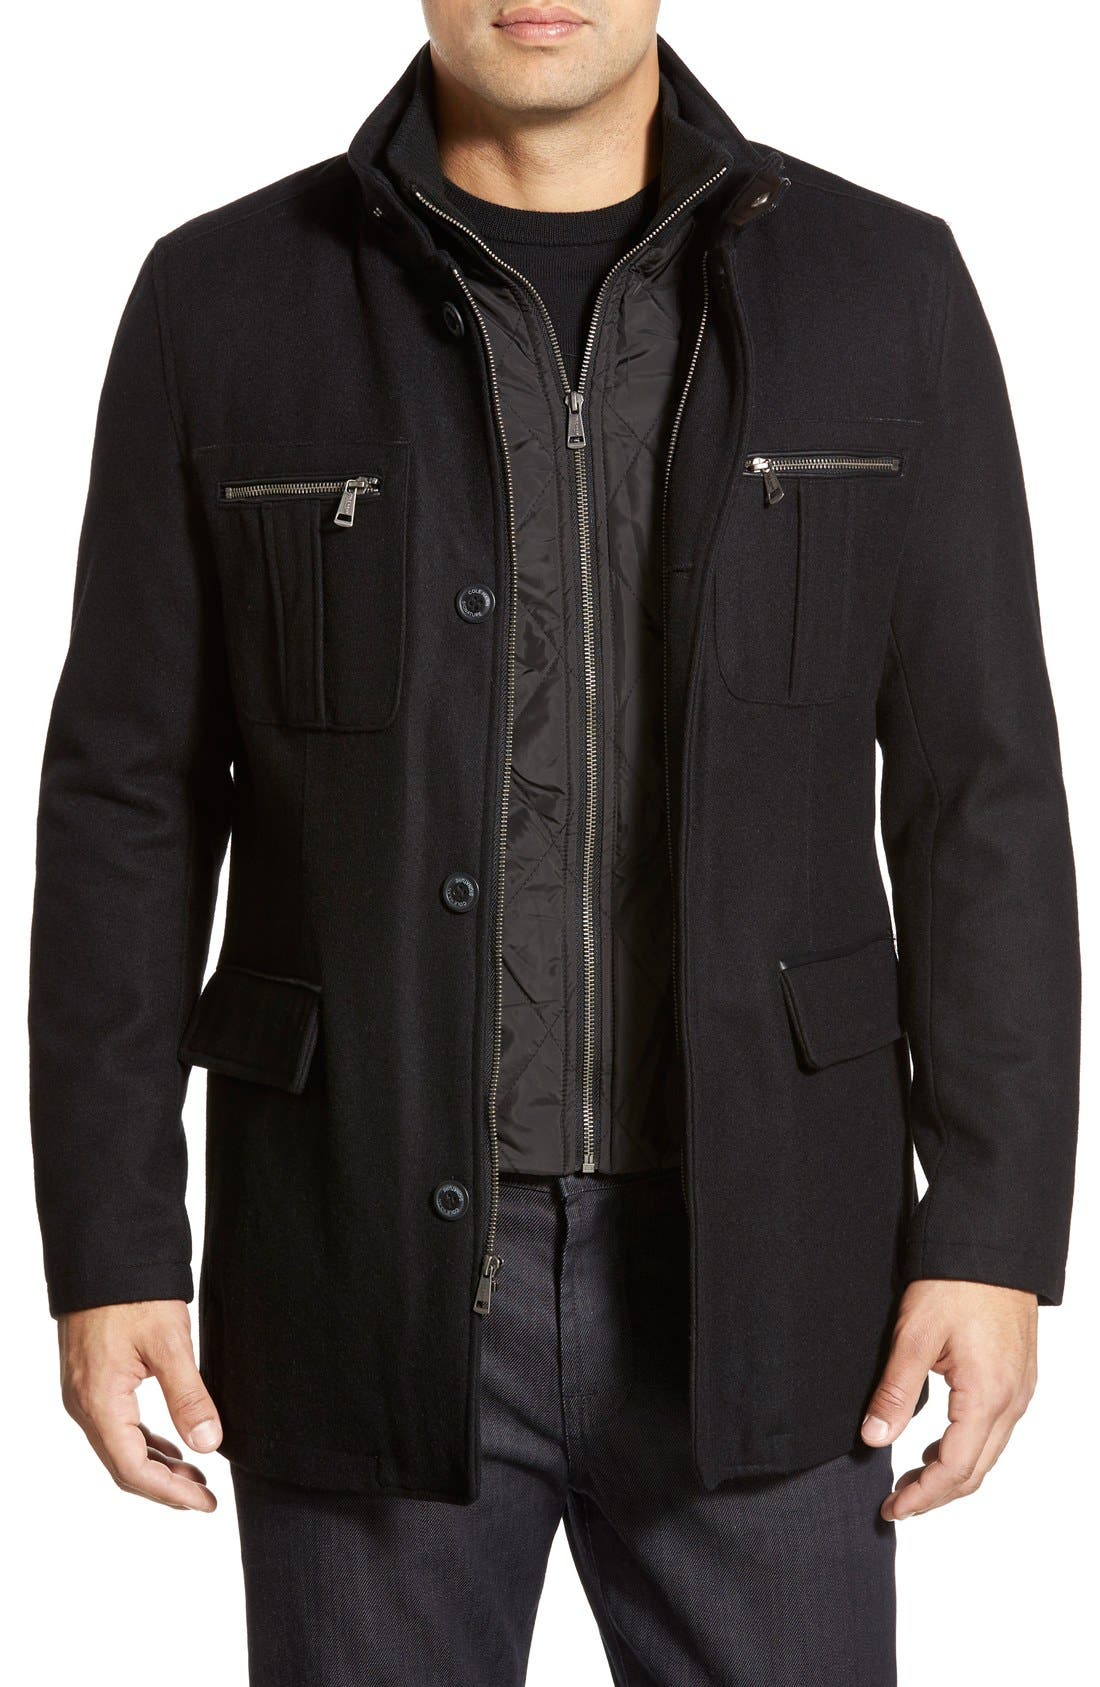 Alternate Image 1 Selected - Cole HaanWool Blend Jacket